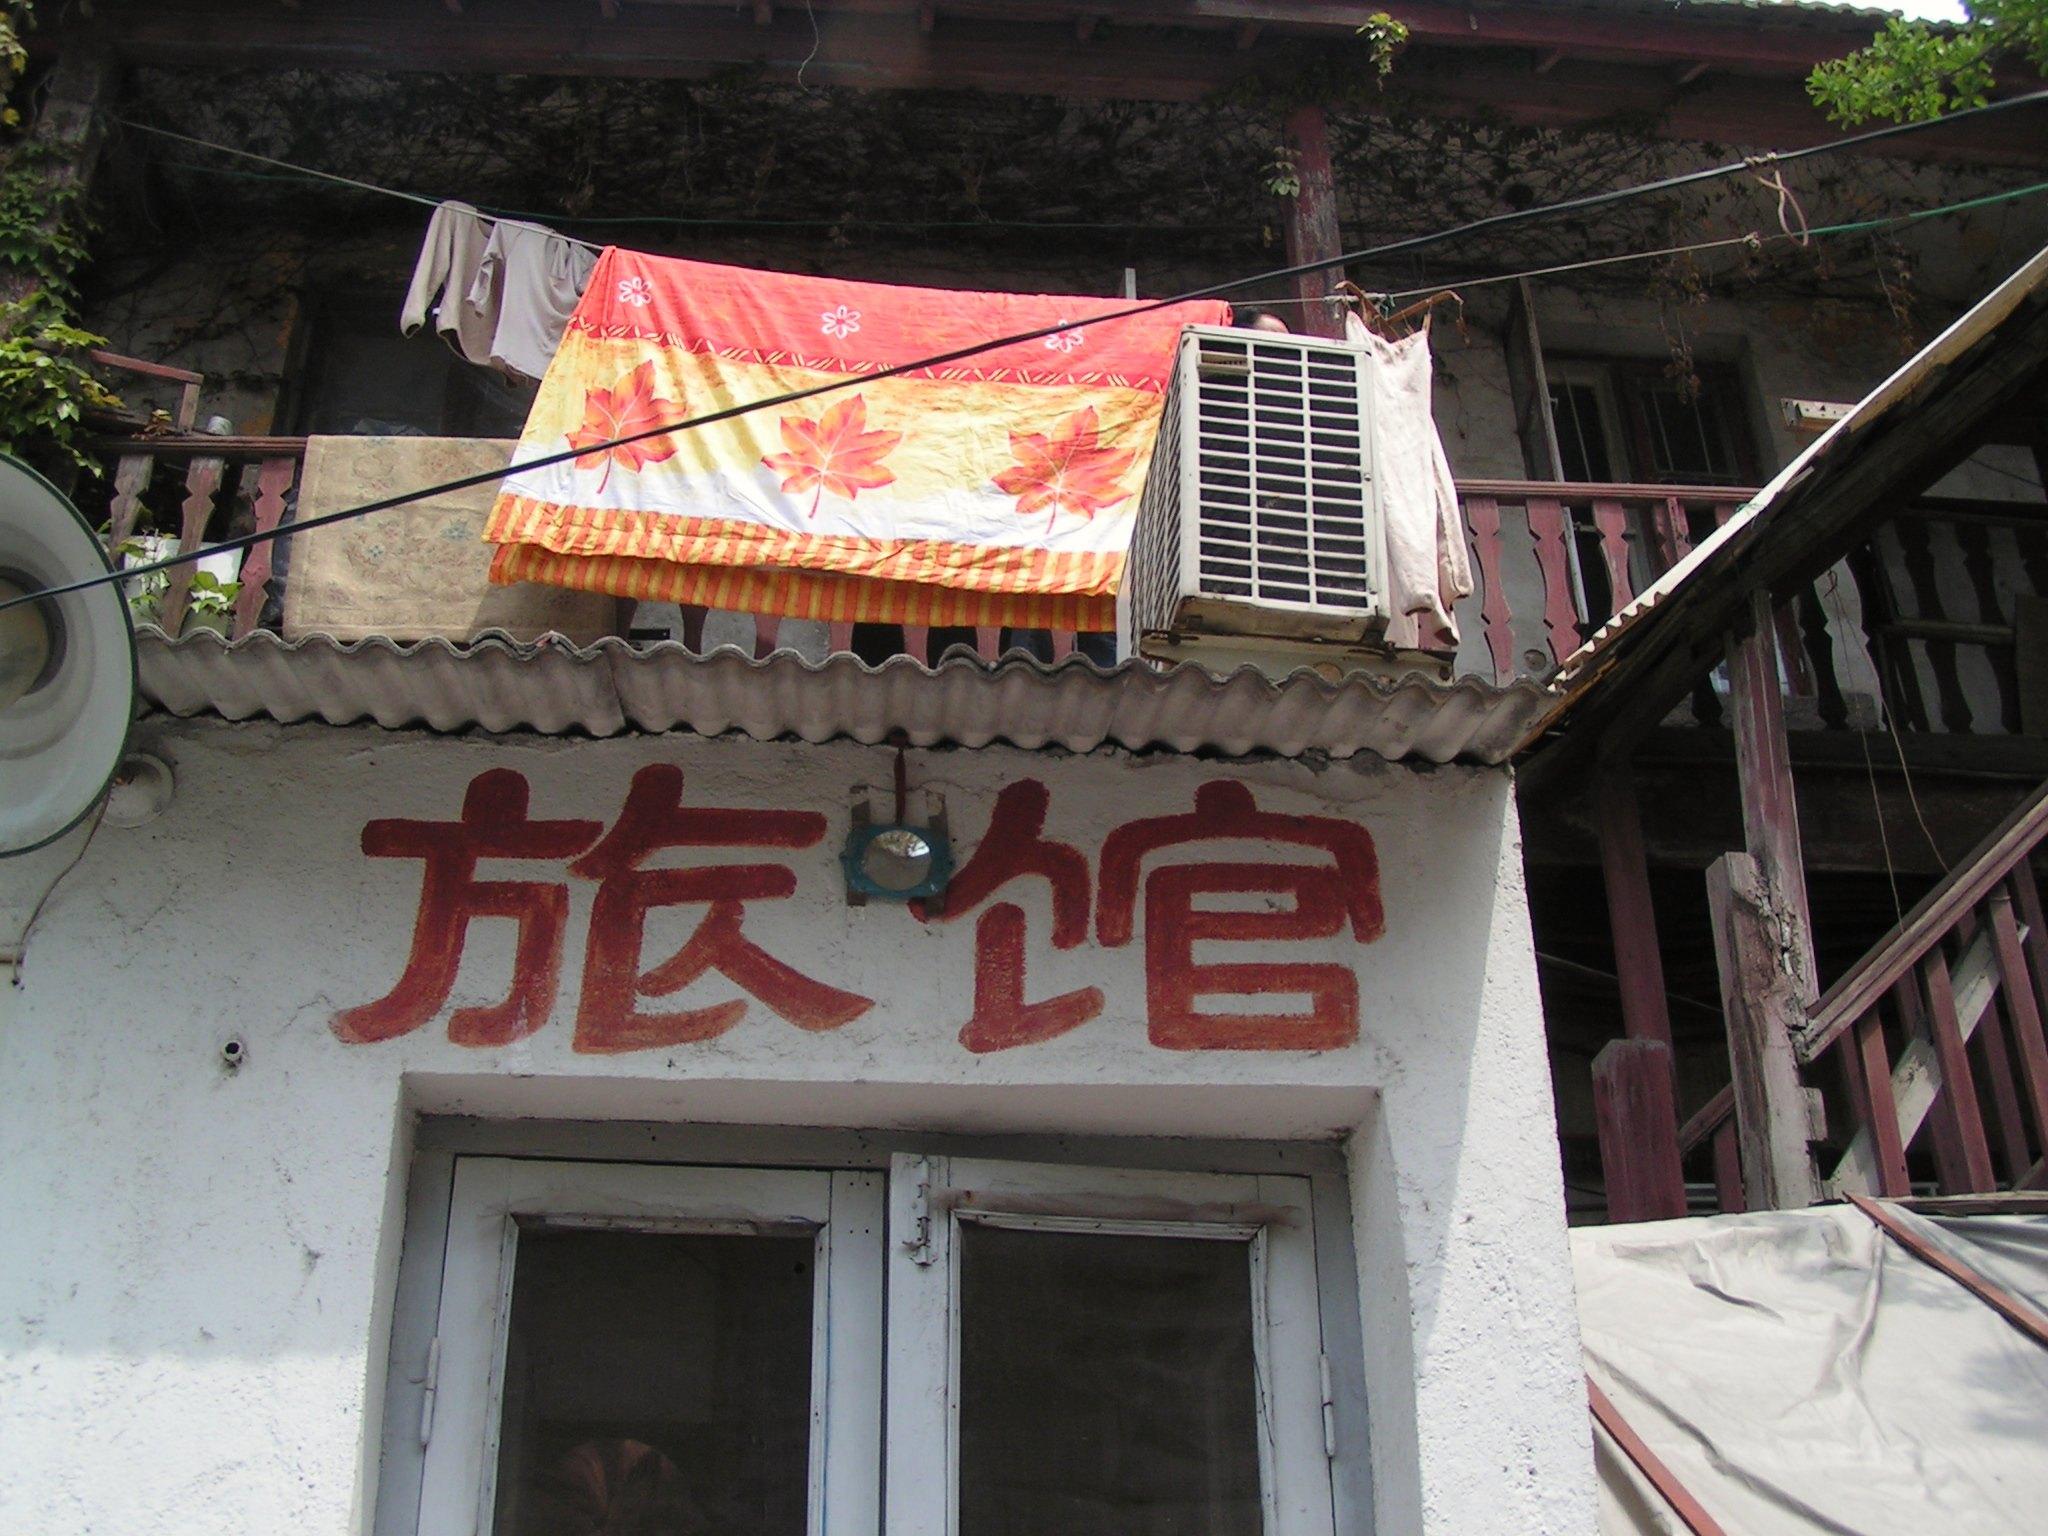 Qing dao, China